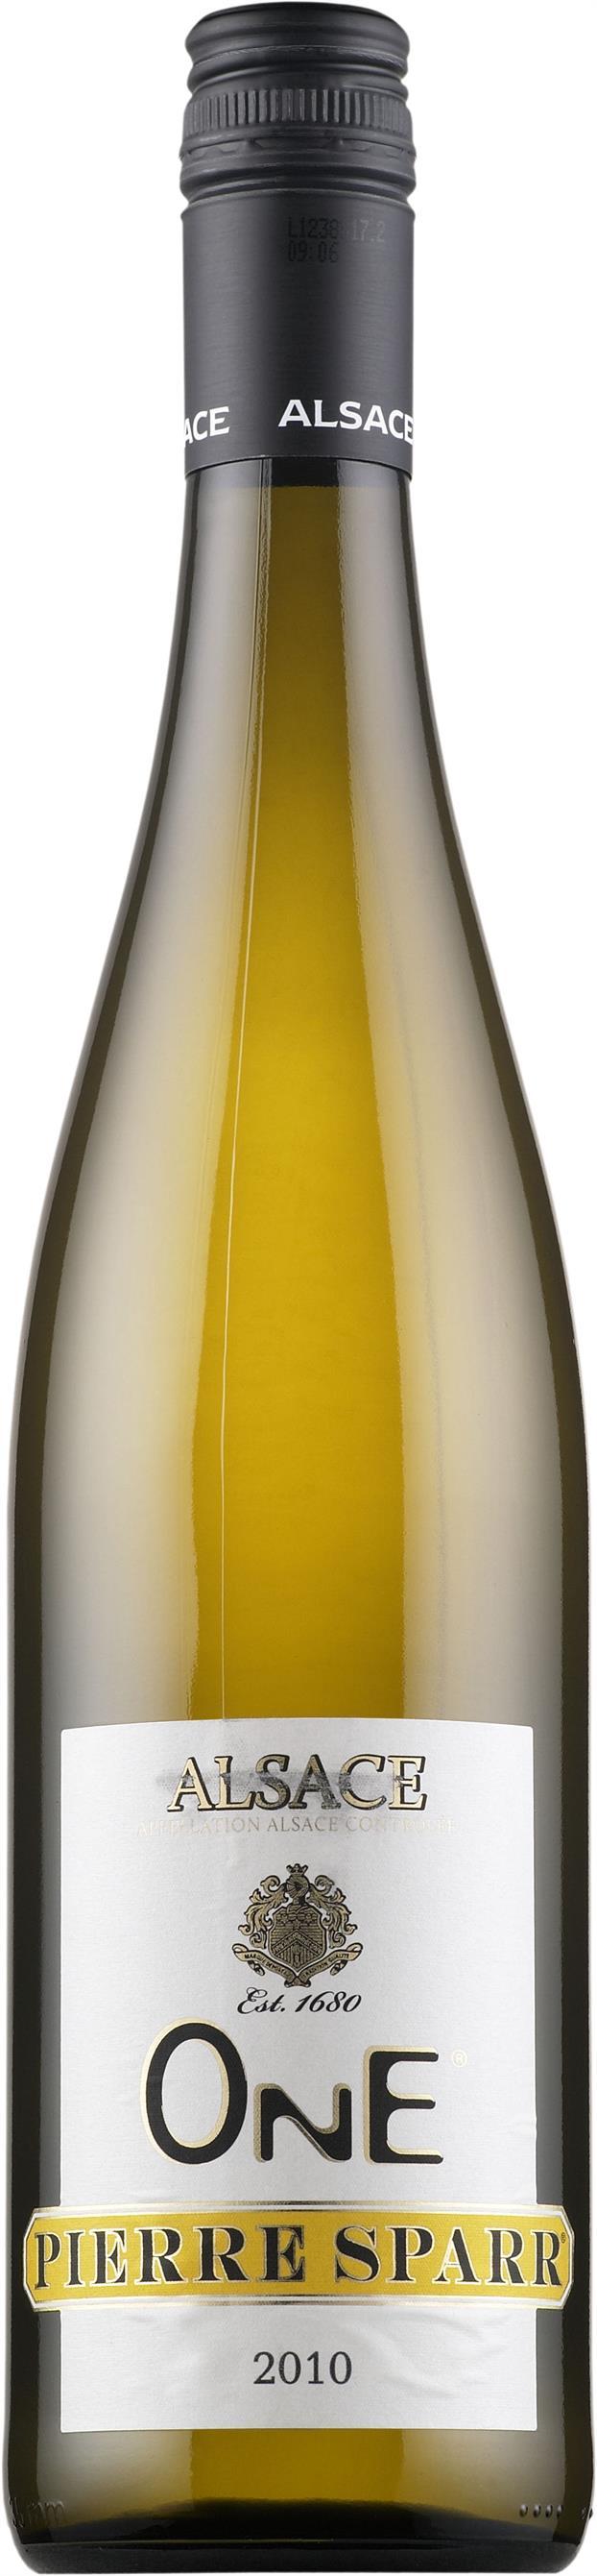 Pierre Sparr One 2013. France: Riesling, Muscat, Pinot Gris. 12,30 €.  Vivahteikas ja ryhdikäs: Kuiva, hapokas, sitruksinen, hennon aprikoosinen, kevyen mausteinen